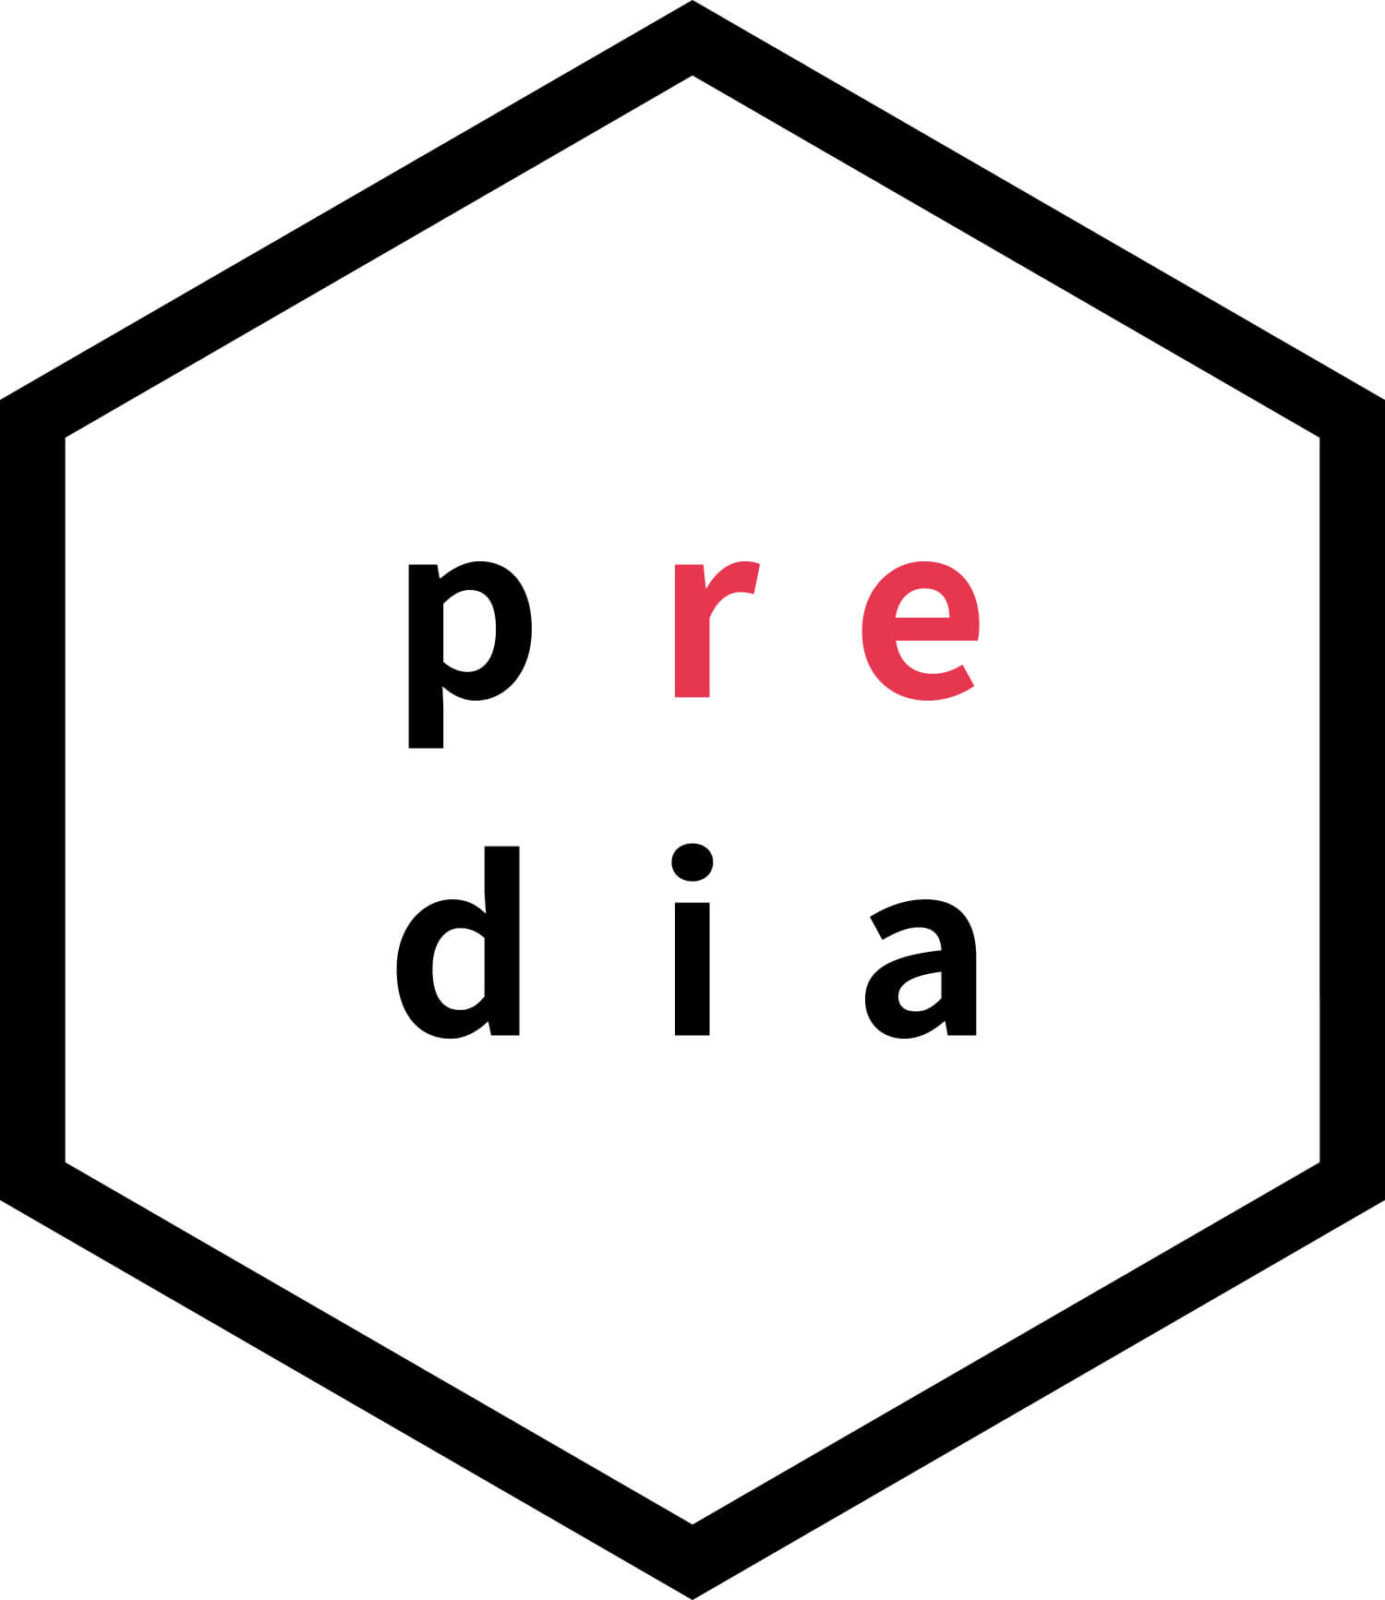 predia、7人新体制のライブ映像公開&3カ月連続の新体制定期公演決定サムネイル画像